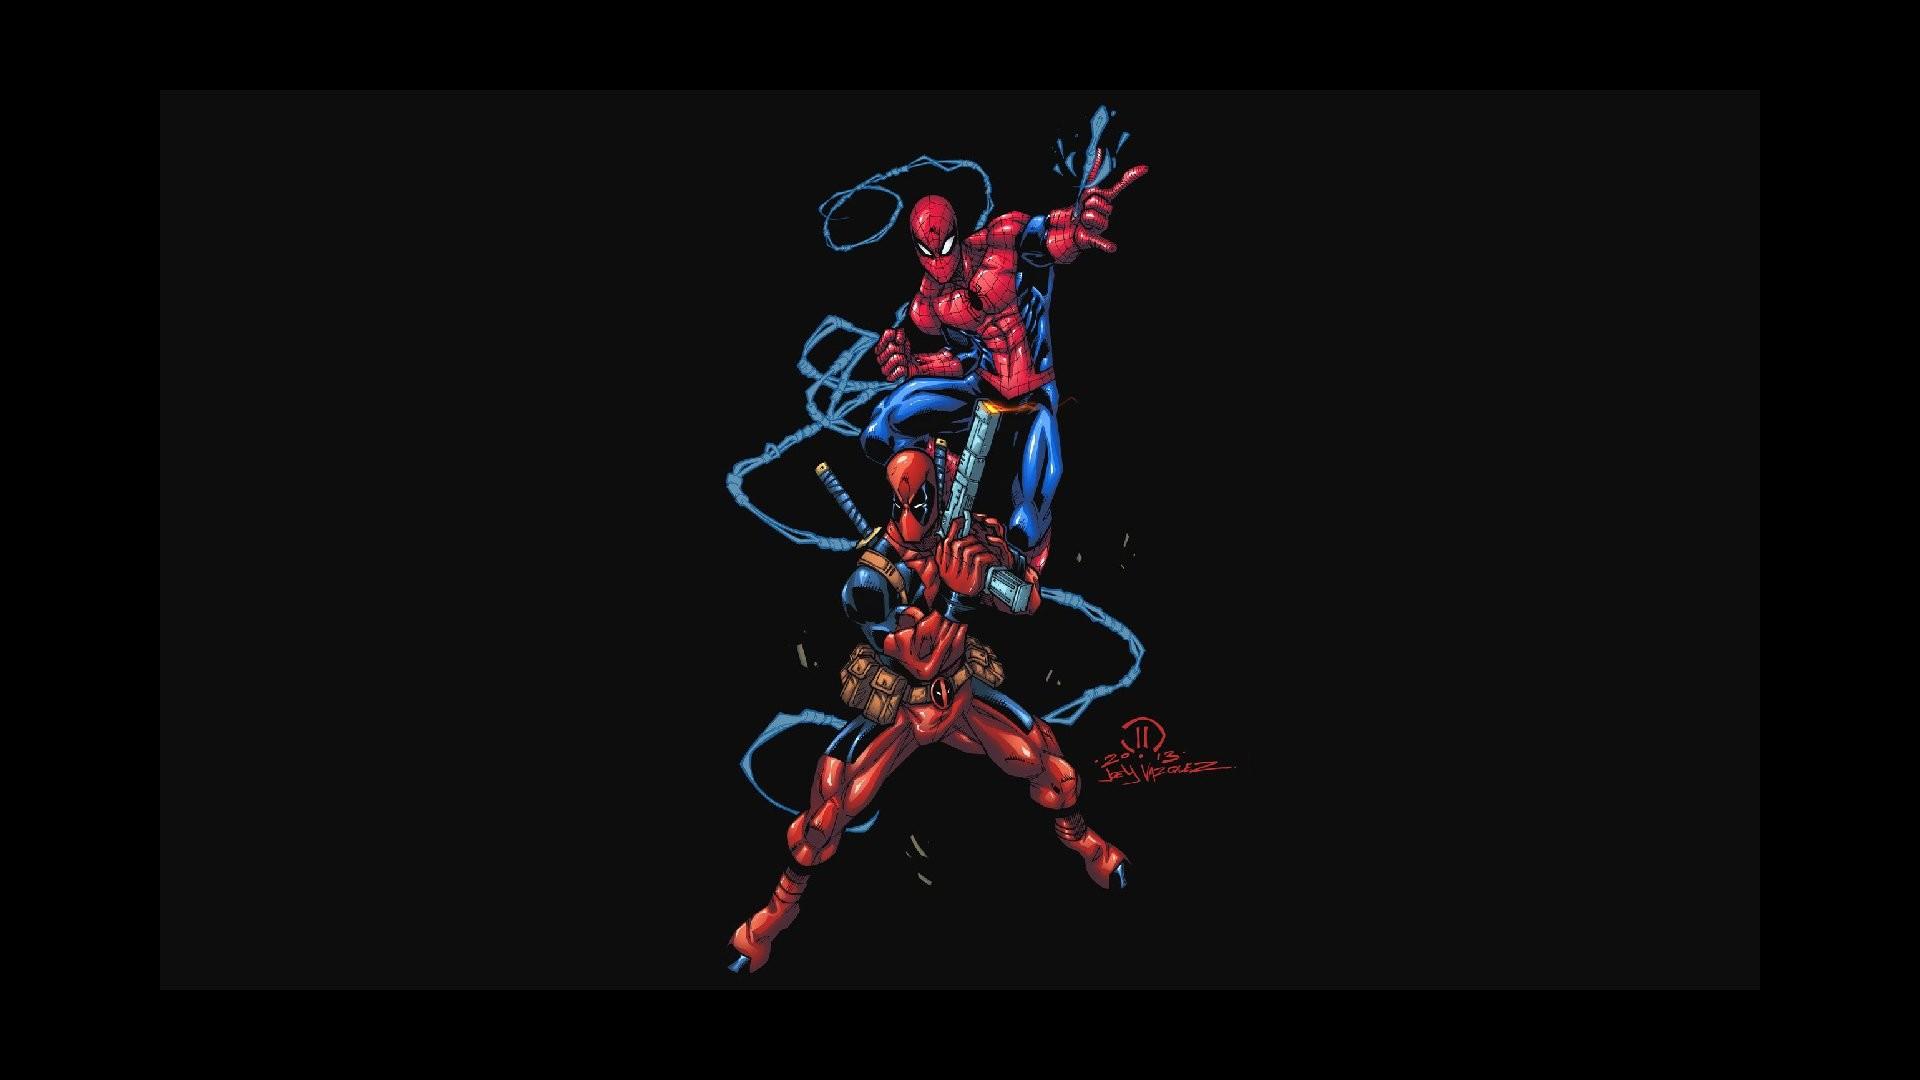 Comics – Spider-Man Deadpool Wallpaper